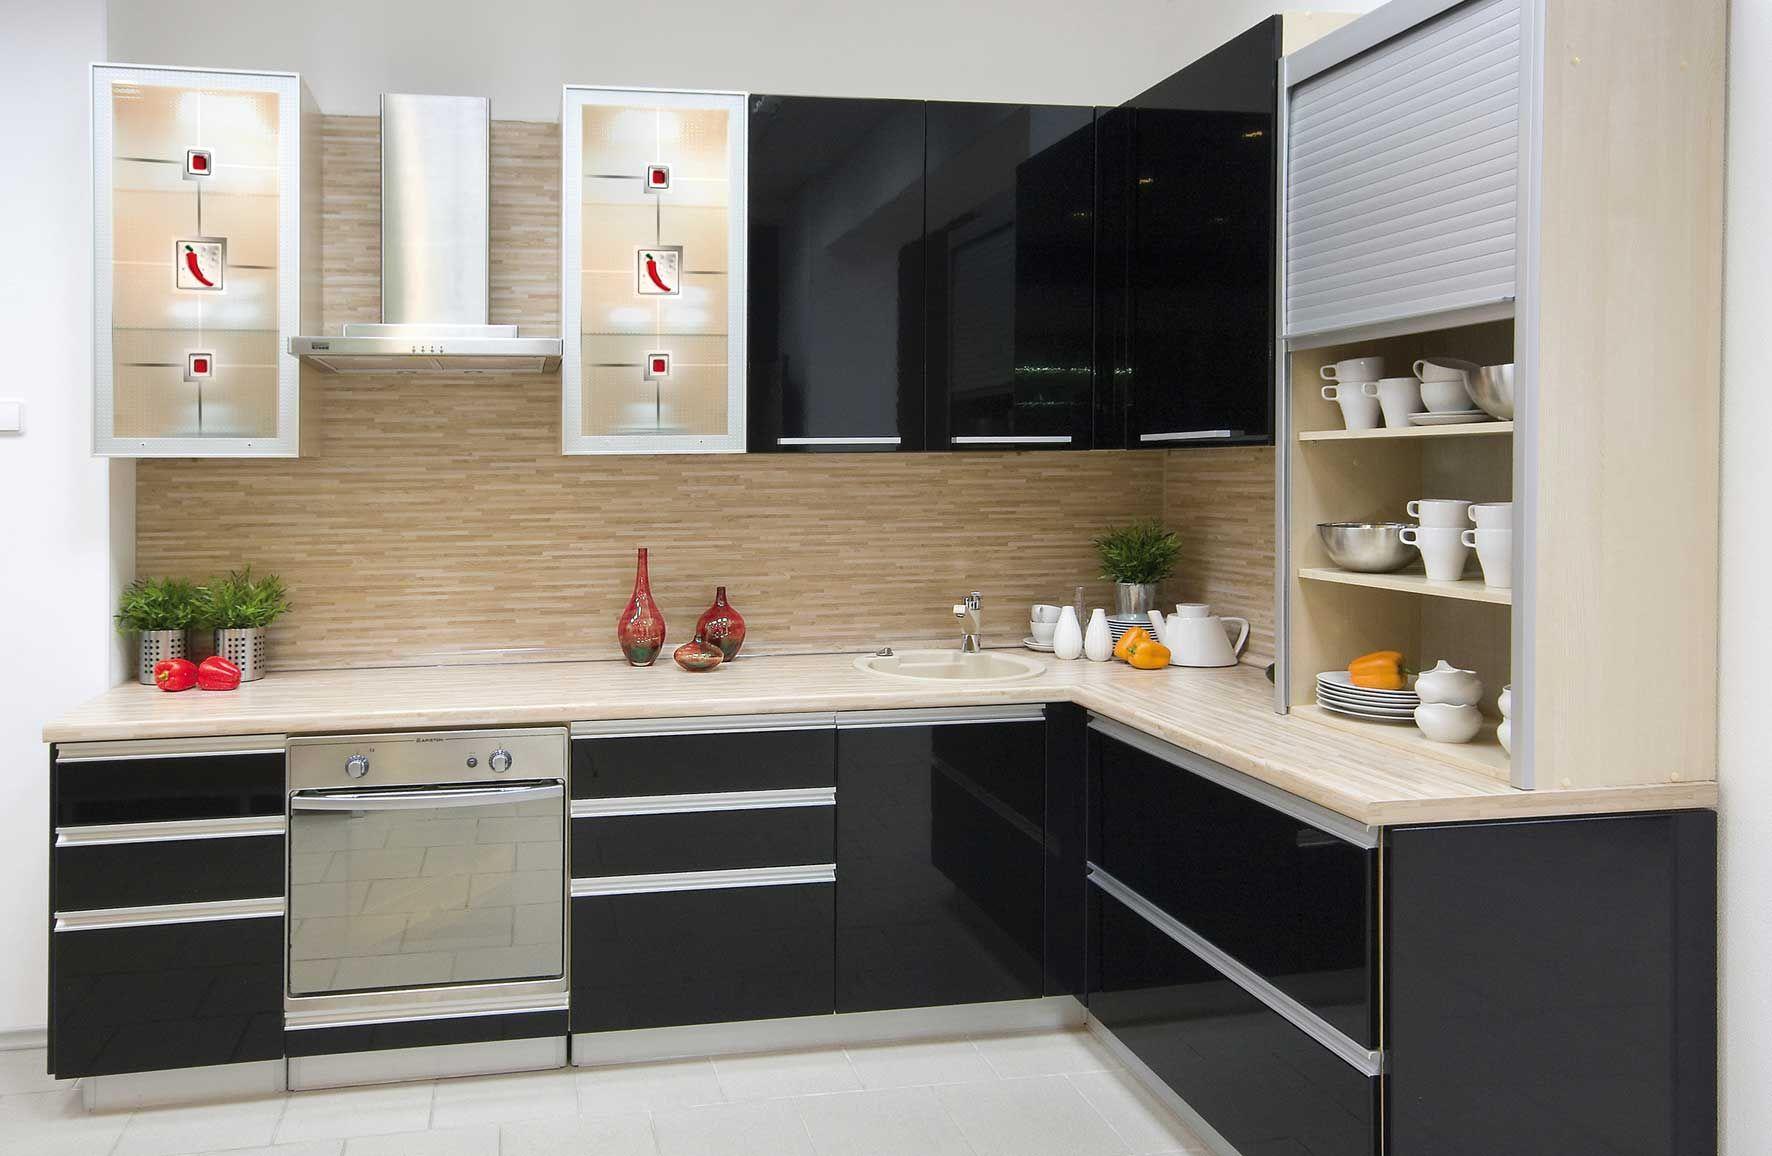 Venta de cocinas integrales DF: Ponzanelli | Ponzanelli Cocinas ...